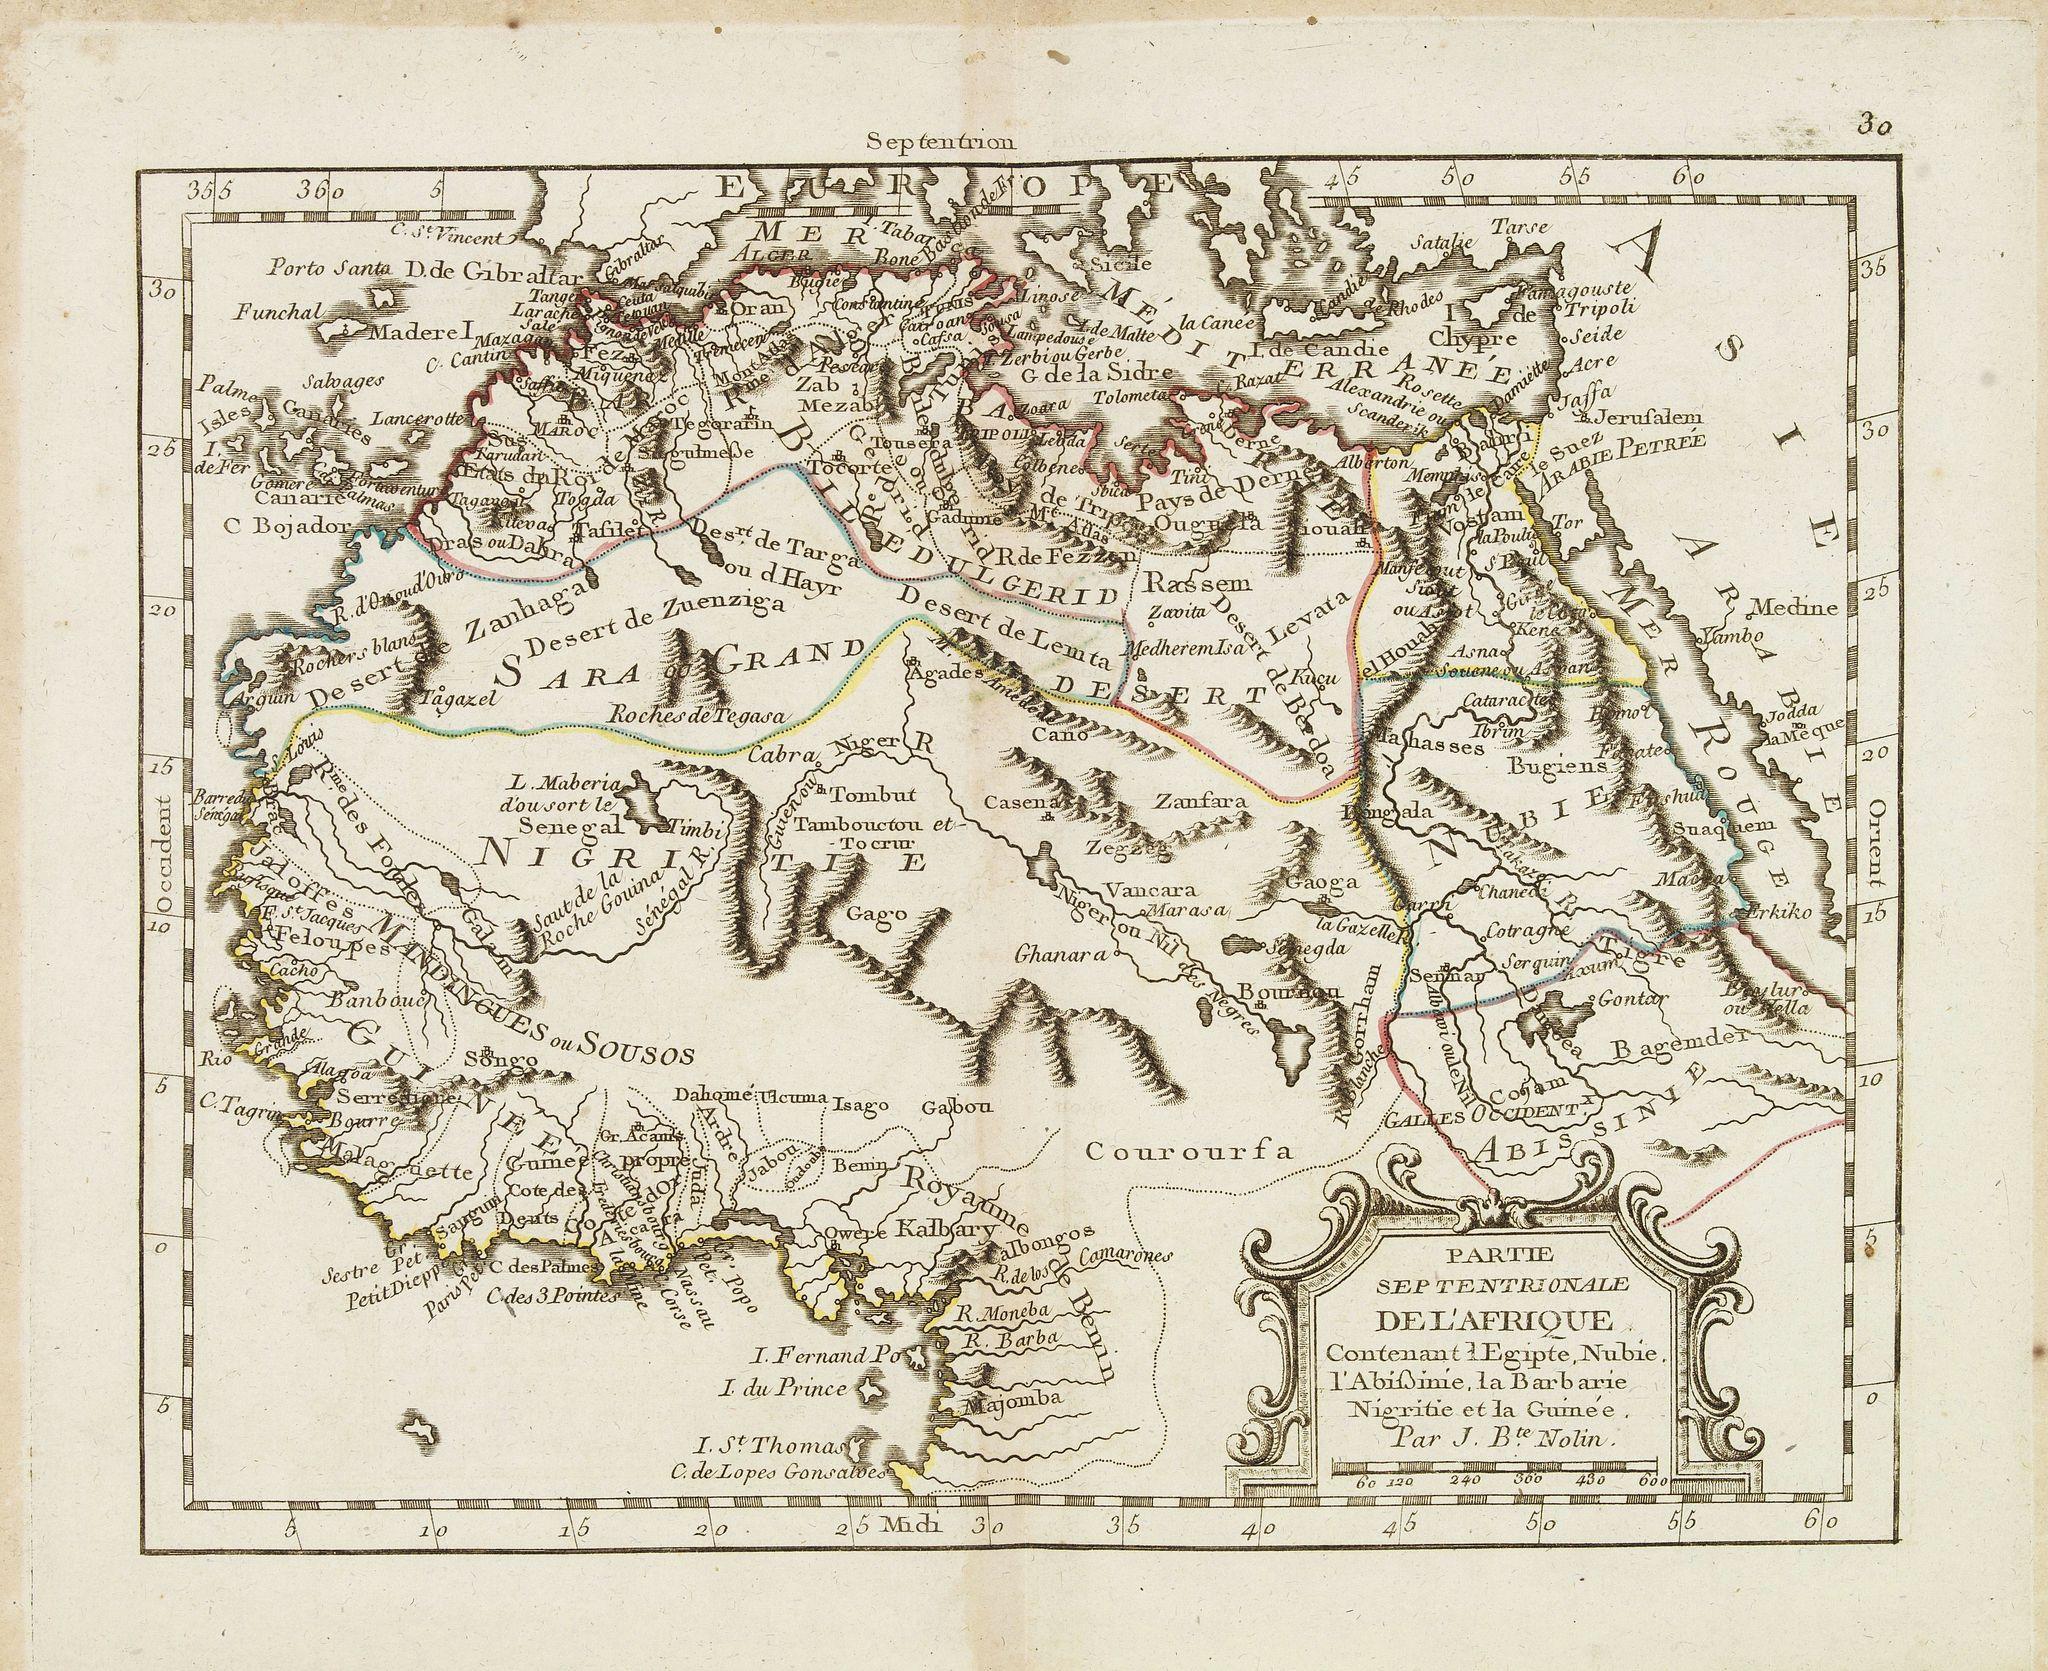 MONDHARE, L.J. / NOLIN, J.B. -  Partie septentrionale de l'Afrique contenant l'Egipte. . .